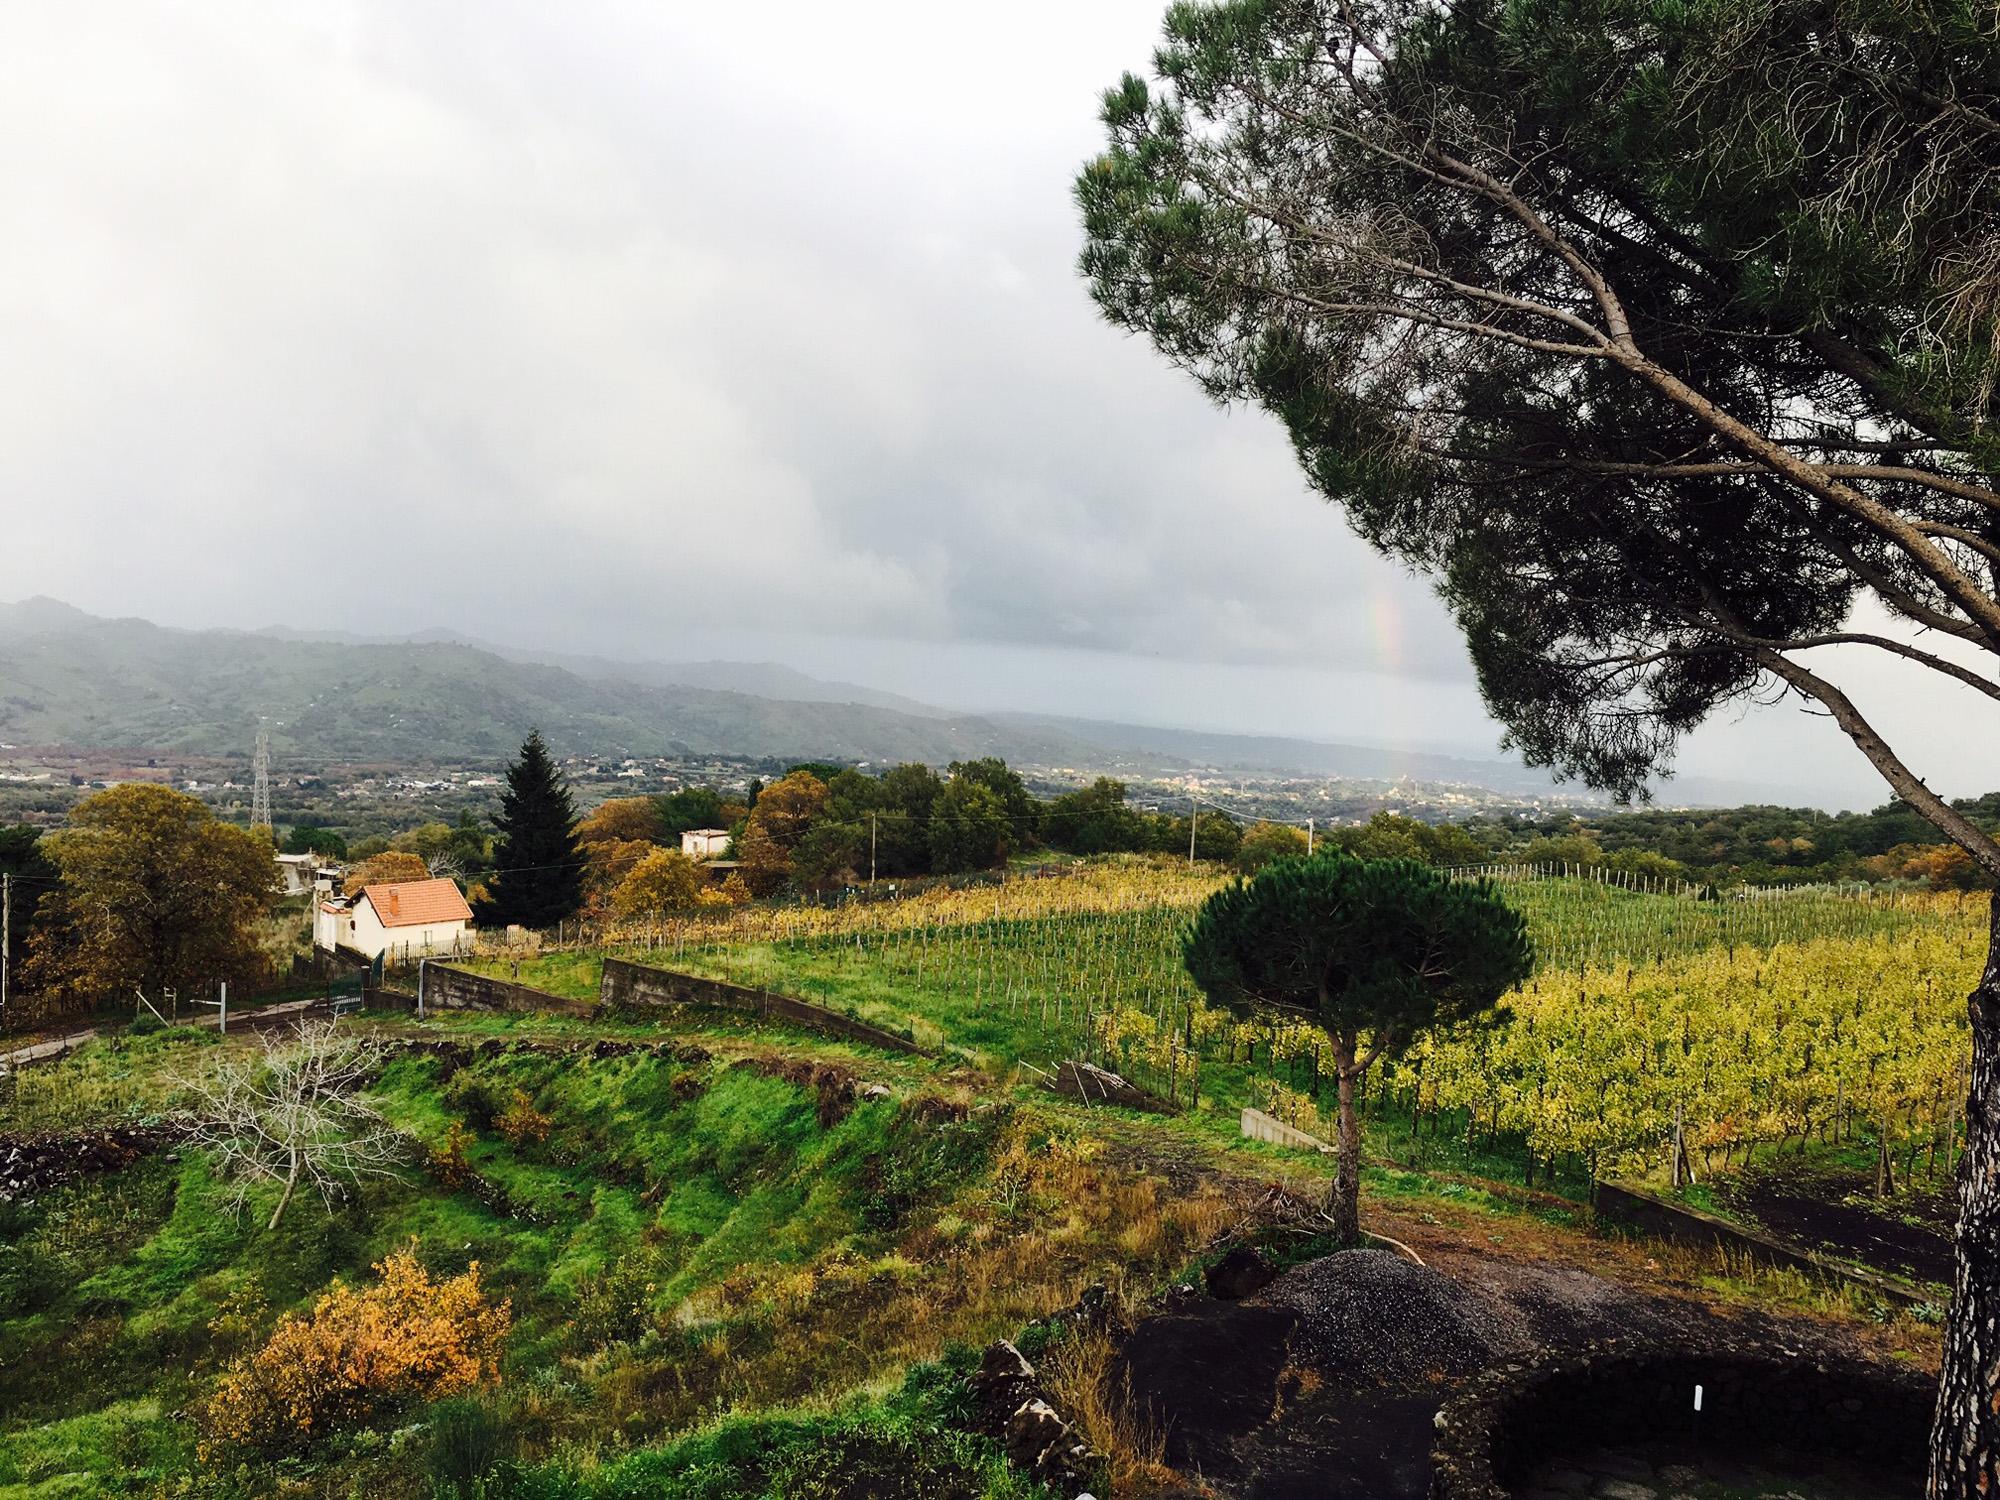 Views from Gambino Winery